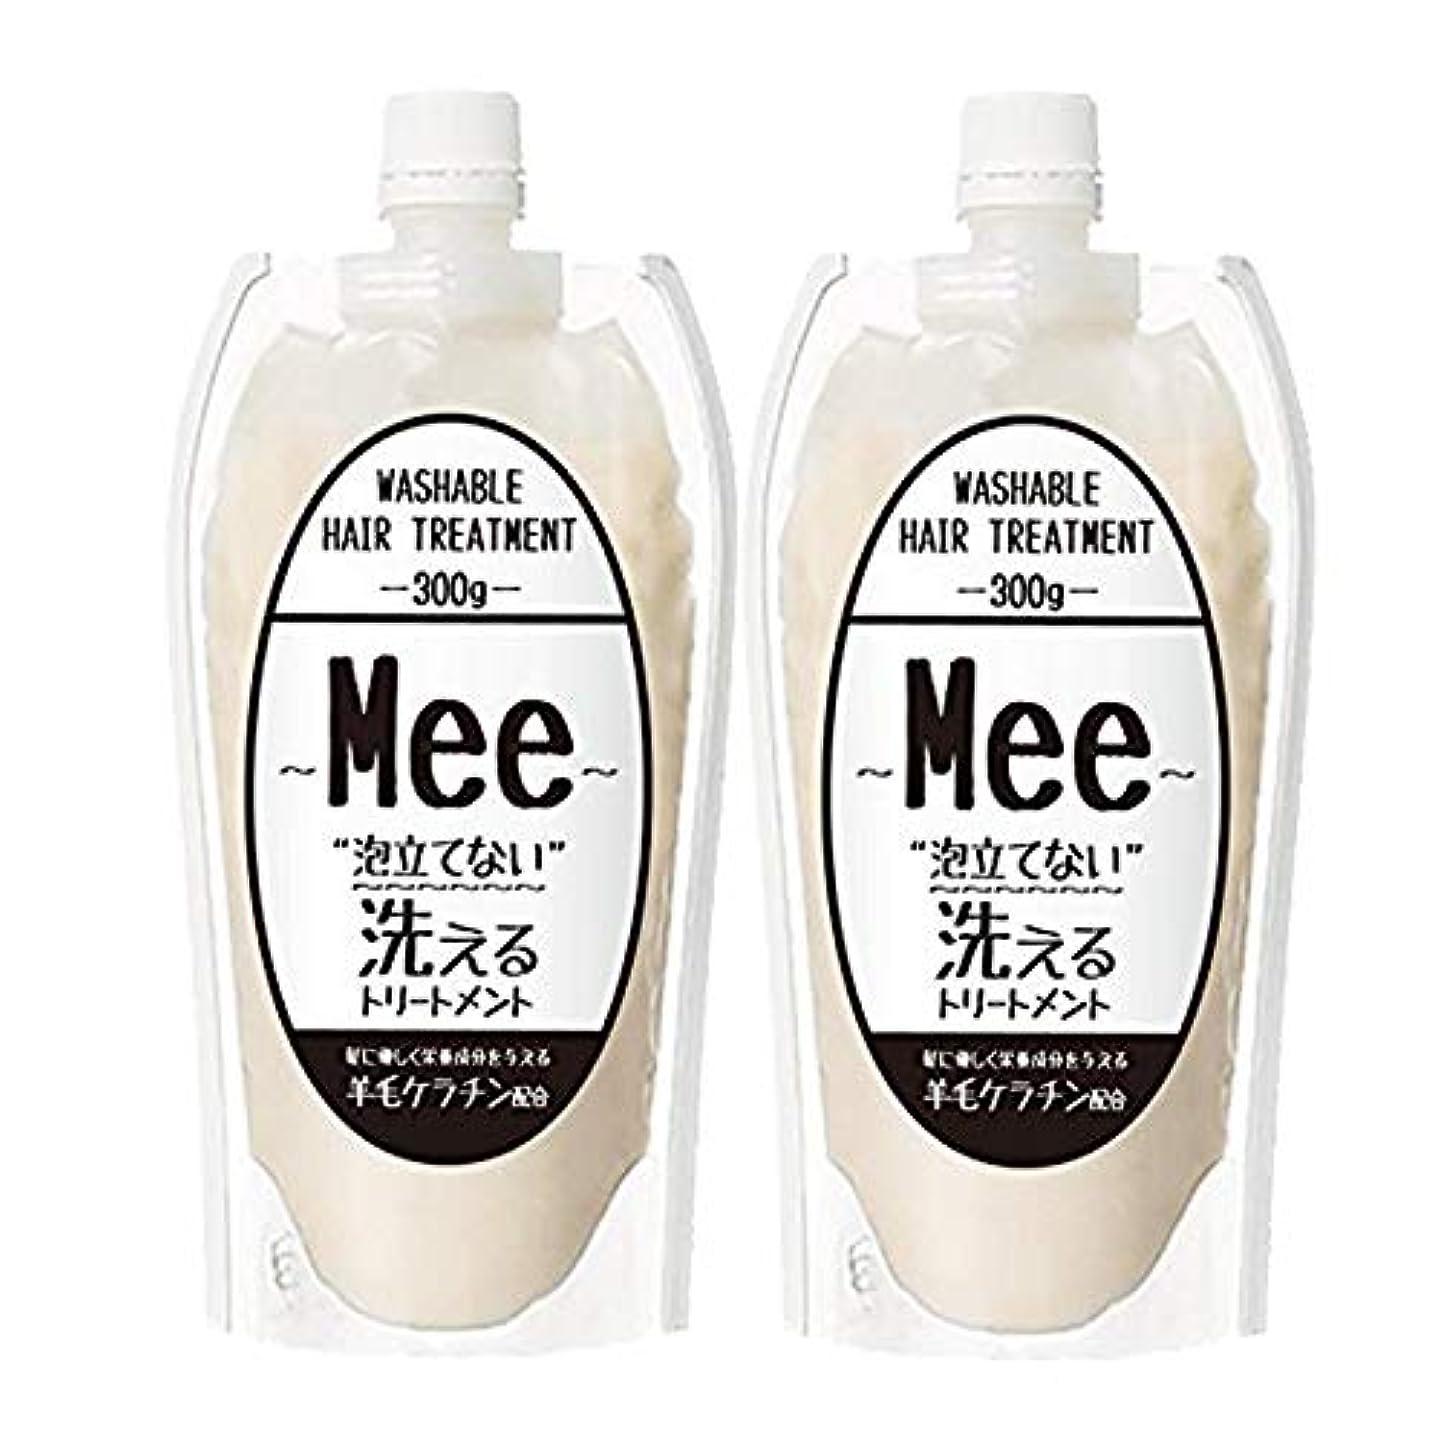 取り組む継承試験まとめ買い【2個組】 洗えるトリートメントMEE Mee 300g×2個SET クリームシャンプー 皮脂 乾燥肌 ダメージケア 大容量 時短